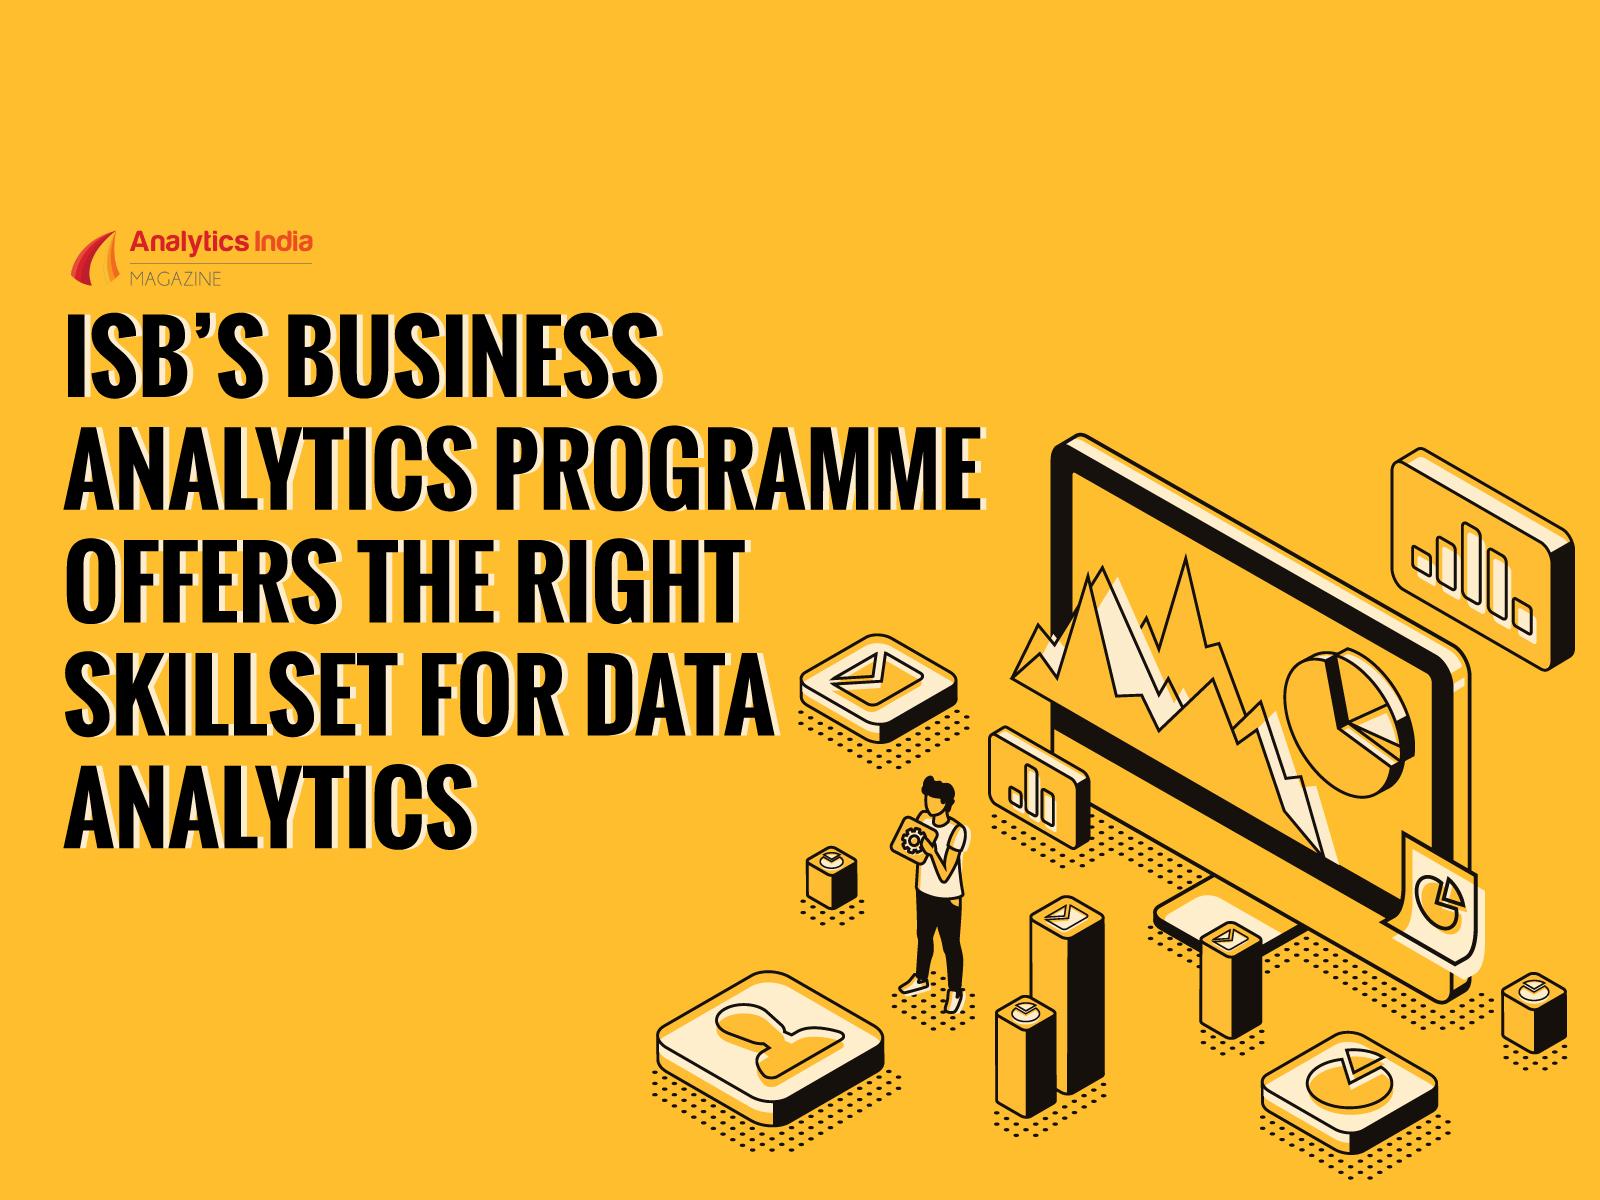 ISB Business Analytics